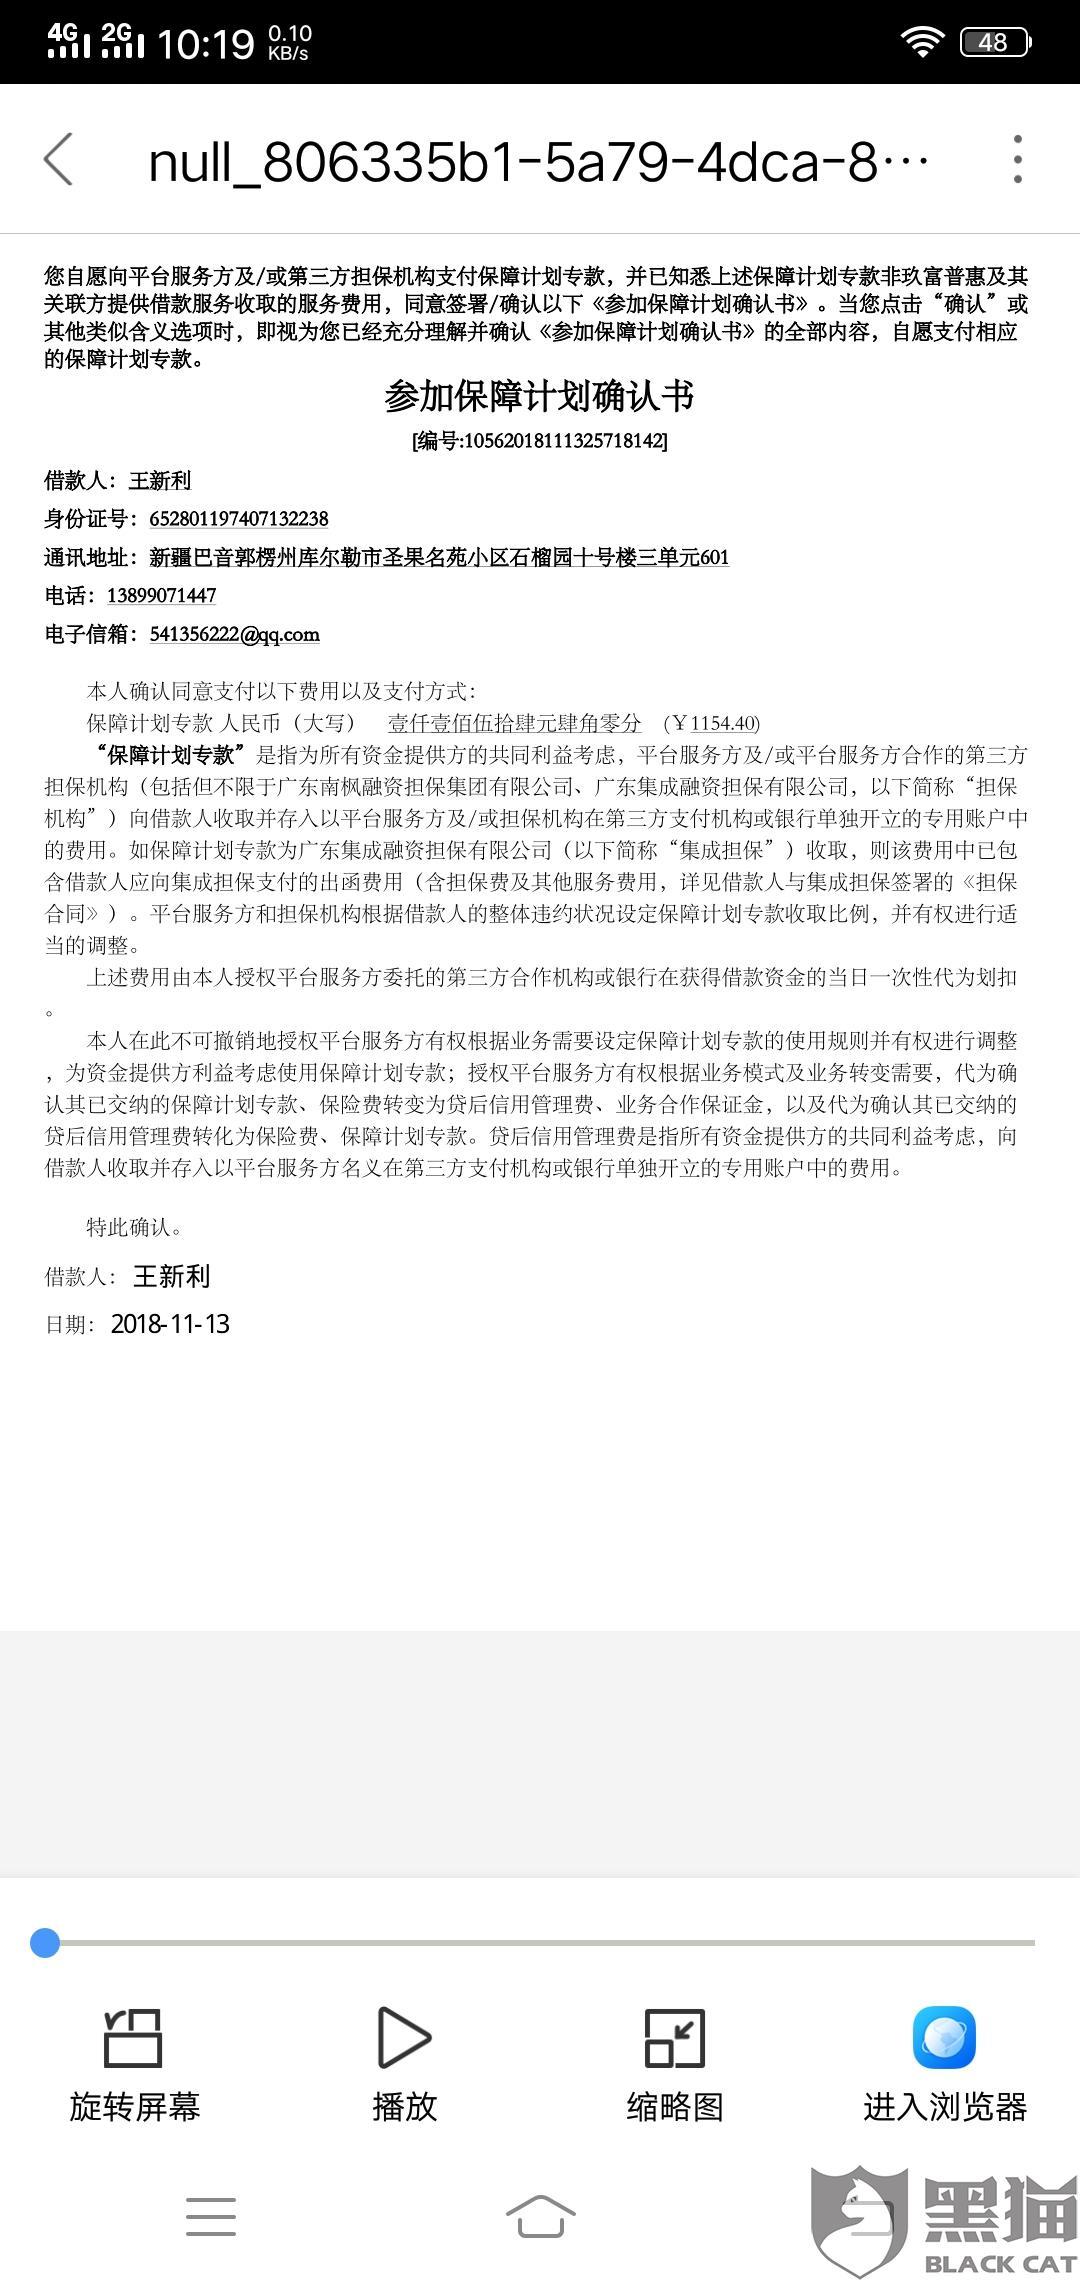 黑猫投诉:玖富万卡借款8000,36期还款总额16639.2